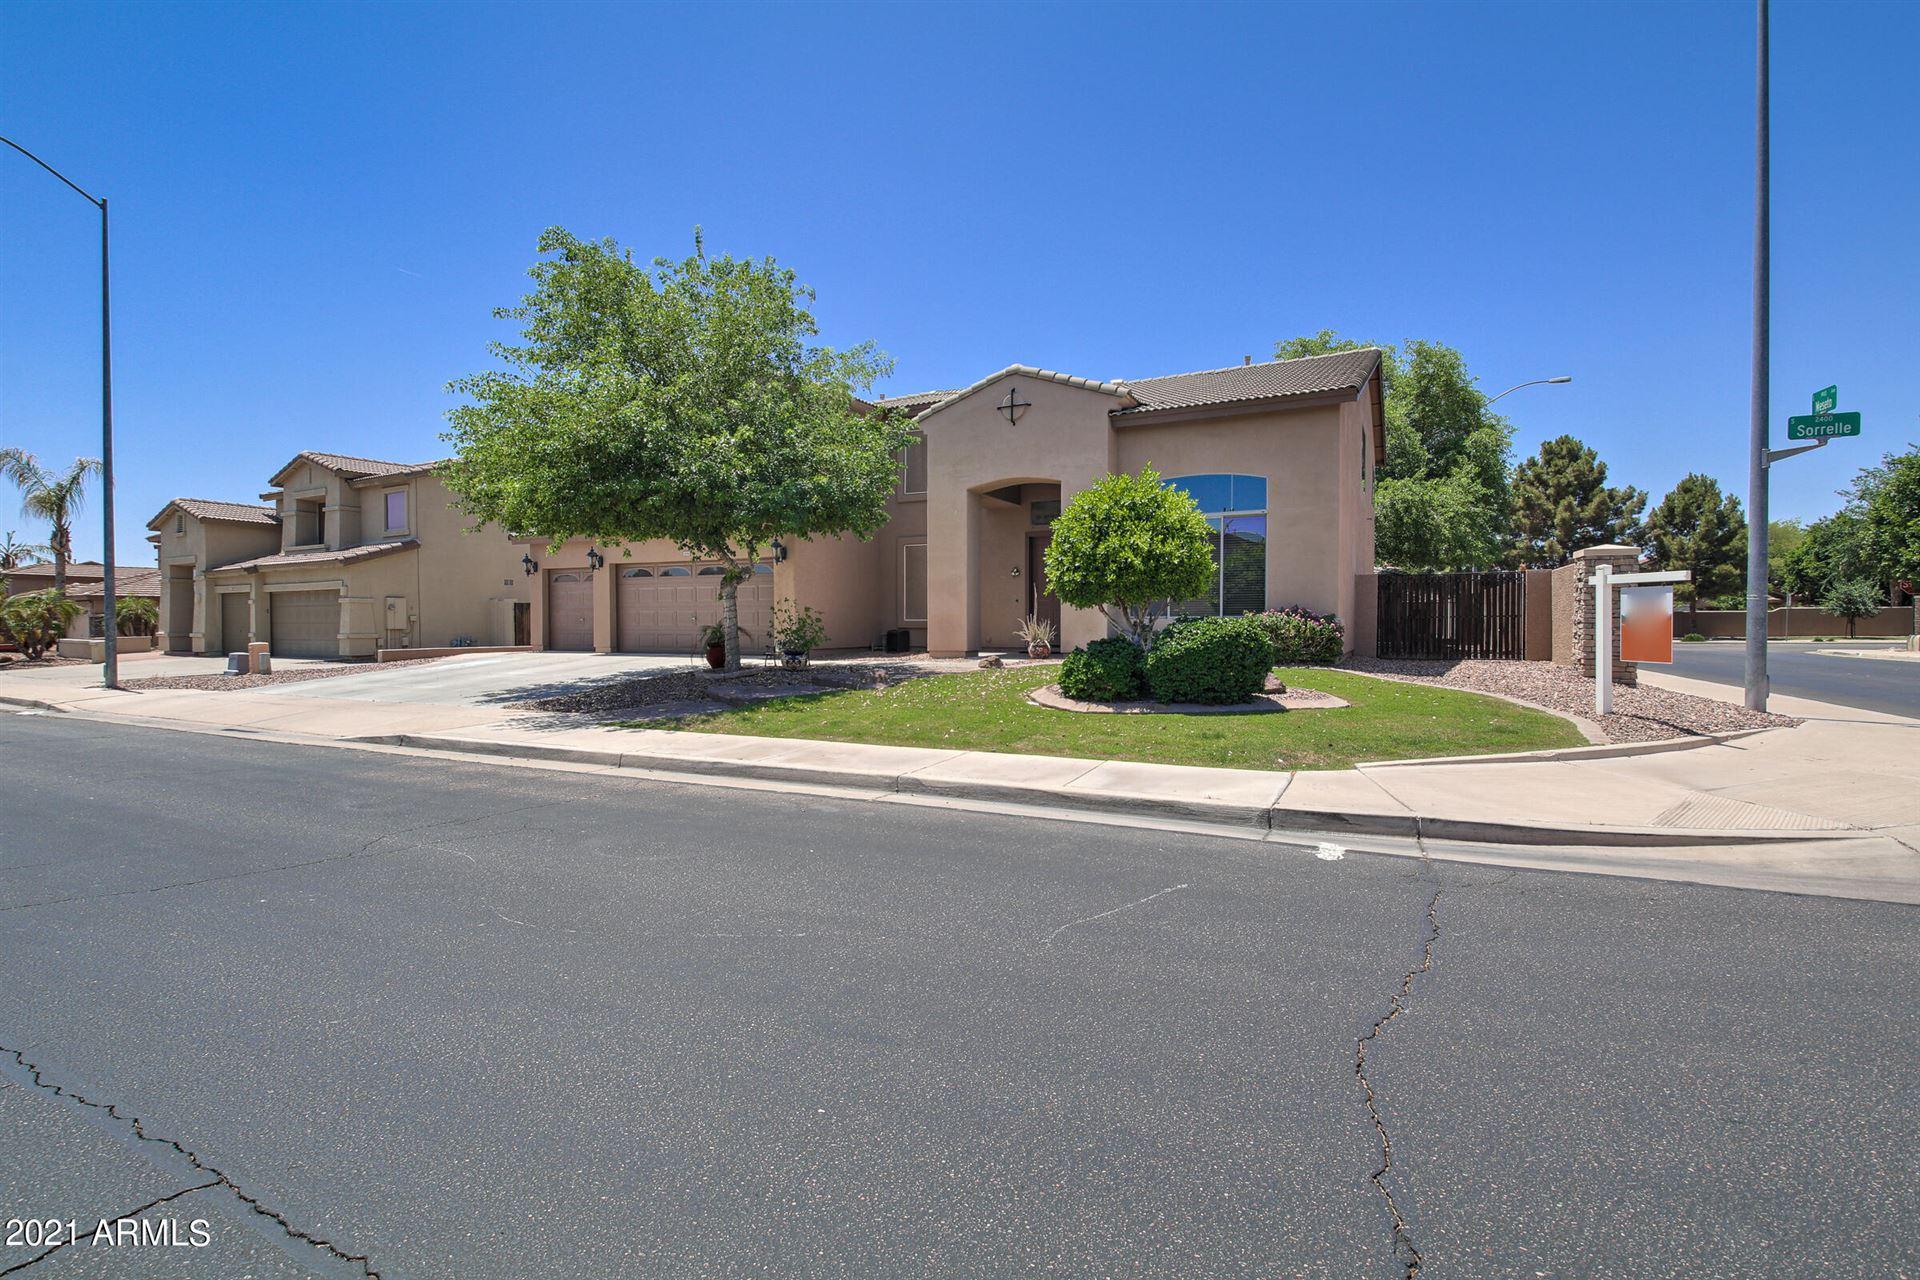 2446 S SORRELLE --, Mesa, AZ 85209 - MLS#: 6226893